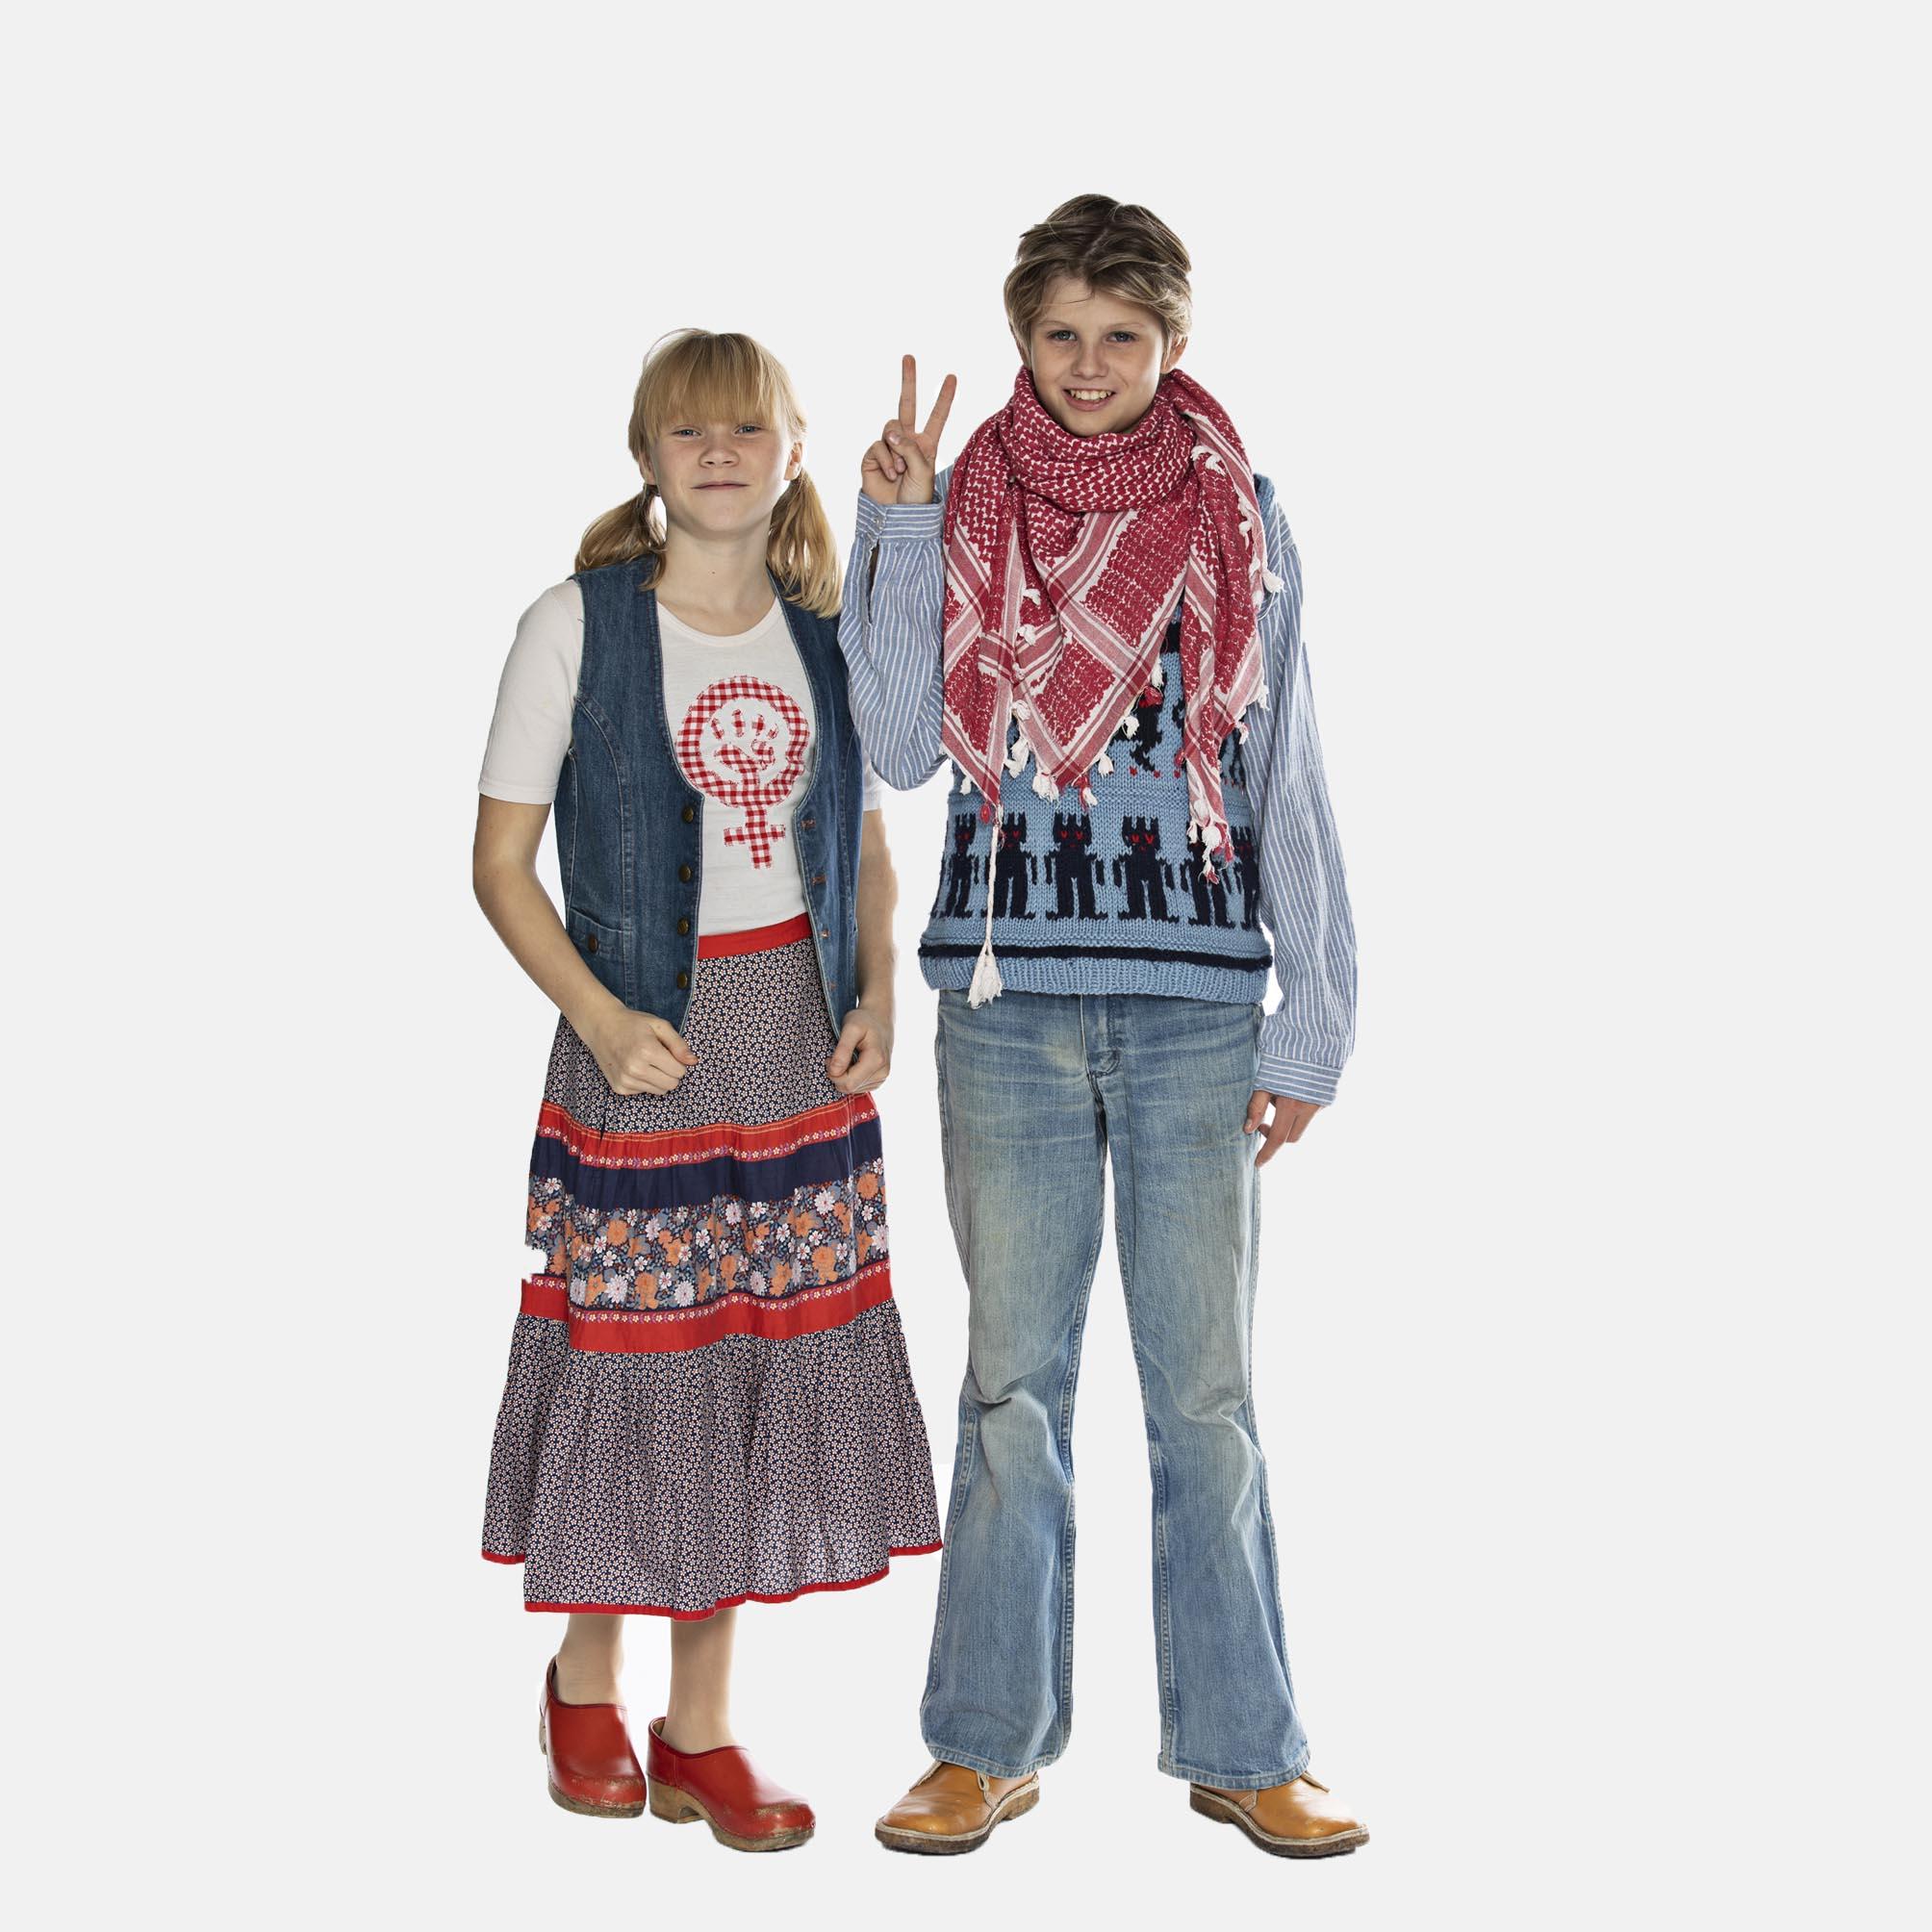 Dreng fra 1970'erne med hjemmestrikket sweater, hvidt og rødt partisanertørklæde, vidde cowboybukser, fodformede brune sko og peace-tegn, med 70'er-pige i lang nederdel i farver og mønstre, peace-t-shirt, cowboyvest, røde træsko og rottehaler, læs om moden i 1970'erne, originalt tøj fra museet Tidens Samling, museum for klæder, form og bolig i det 20. århundrede, Kulturmaskinen, Farvergården, Brandts Klædefabrik, Odense